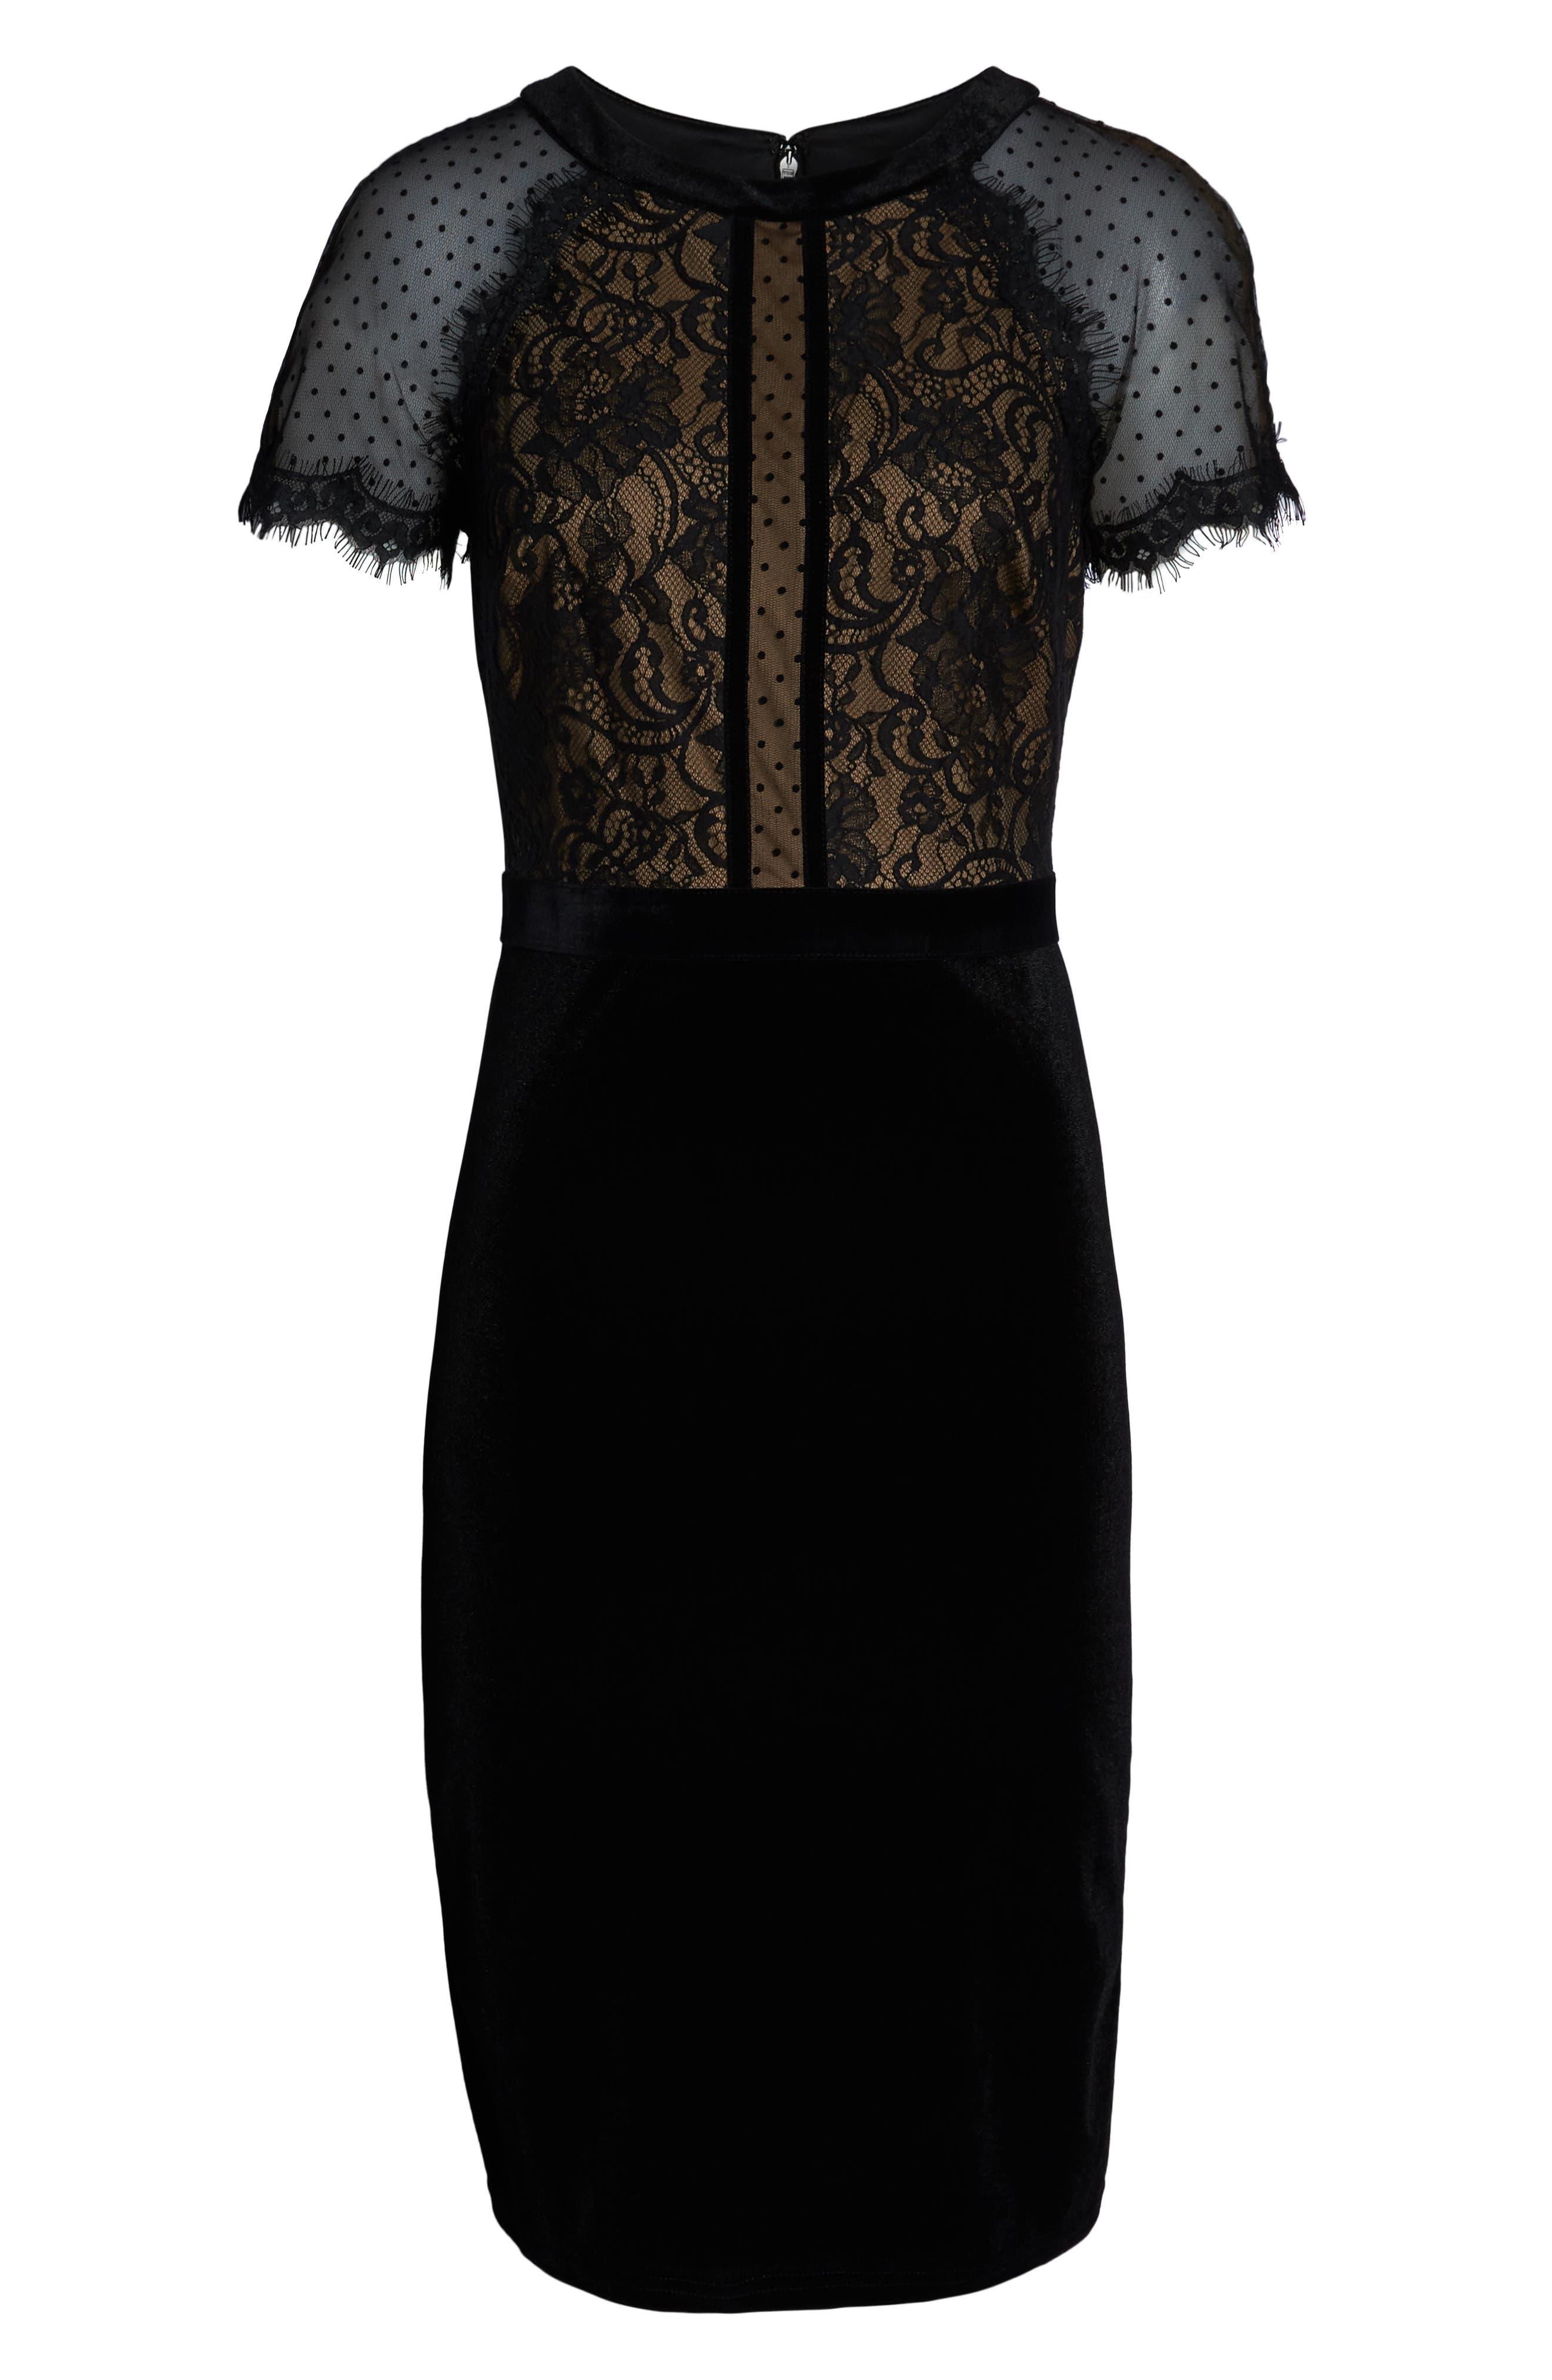 TADASHI SHOJI,                             Lace & Velvet Dress,                             Alternate thumbnail 7, color,                             BLACK/ NUDE